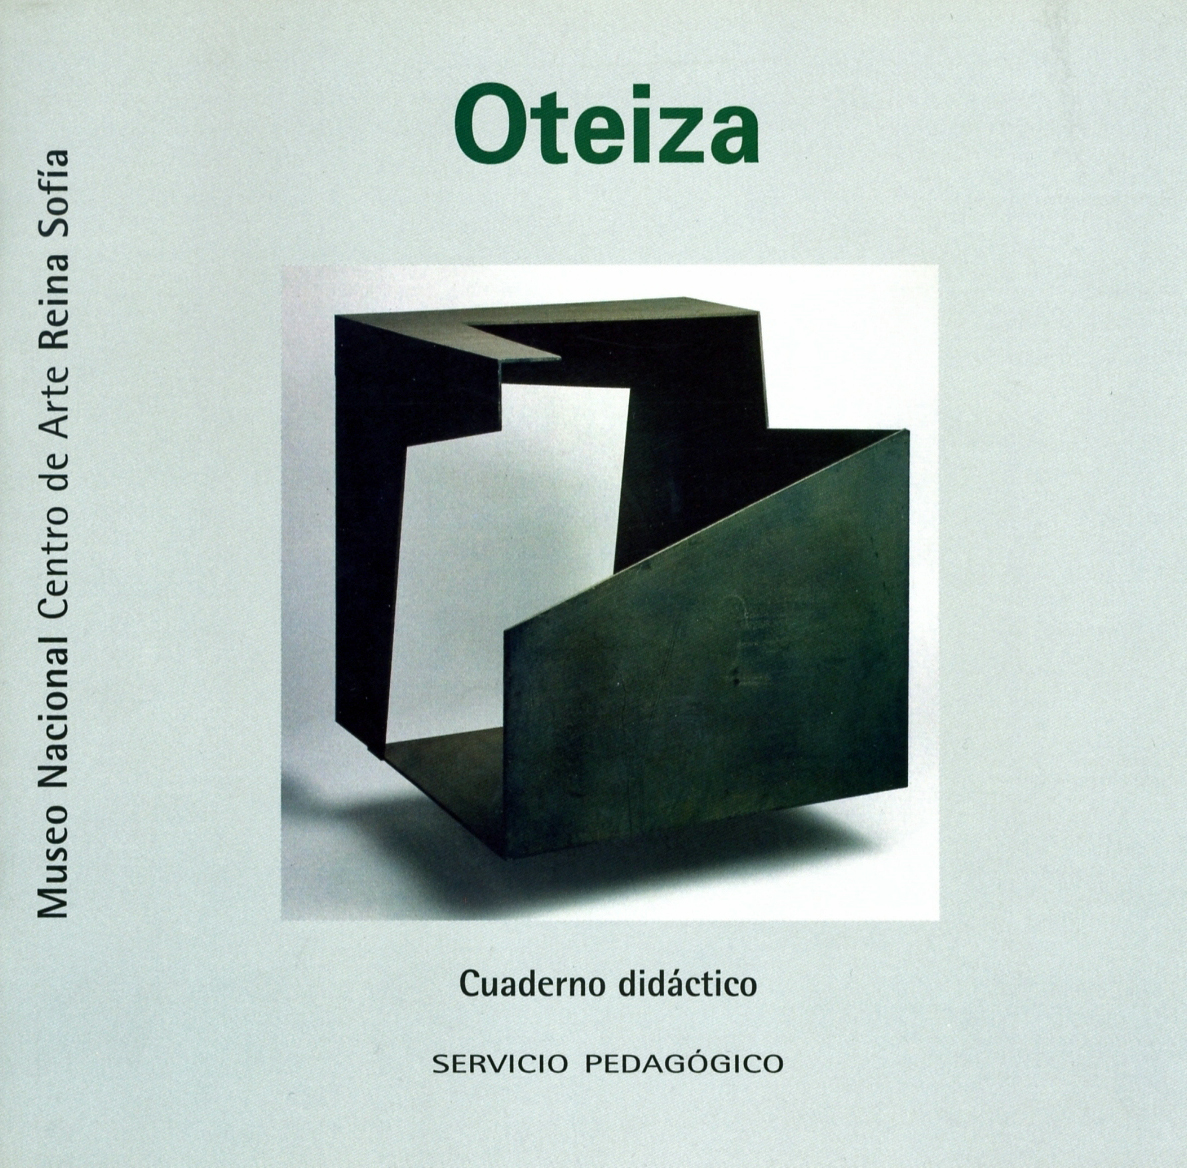 Oteiza, 2005